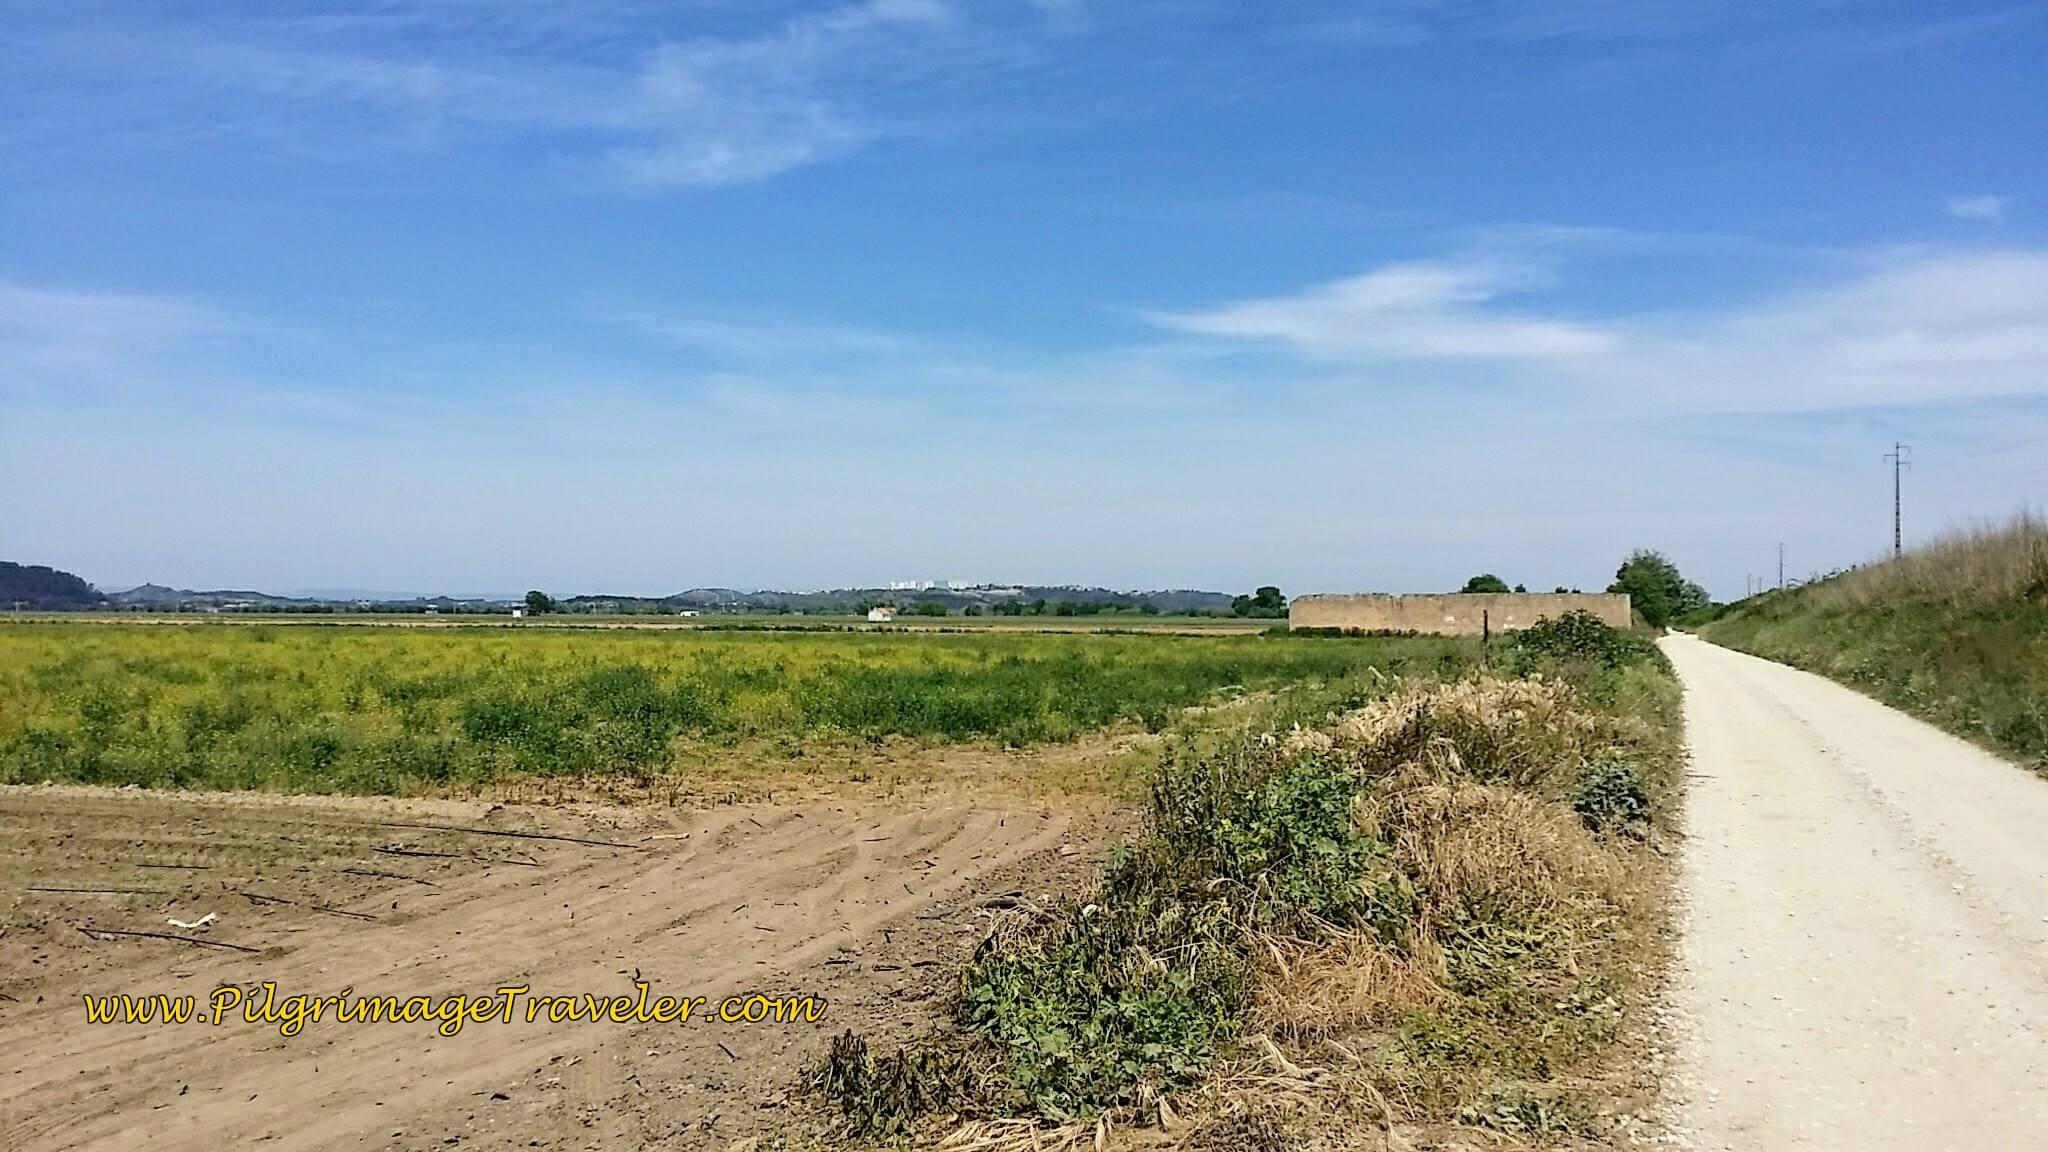 First Glimpse of Santarém, Far Ahead on the Hill